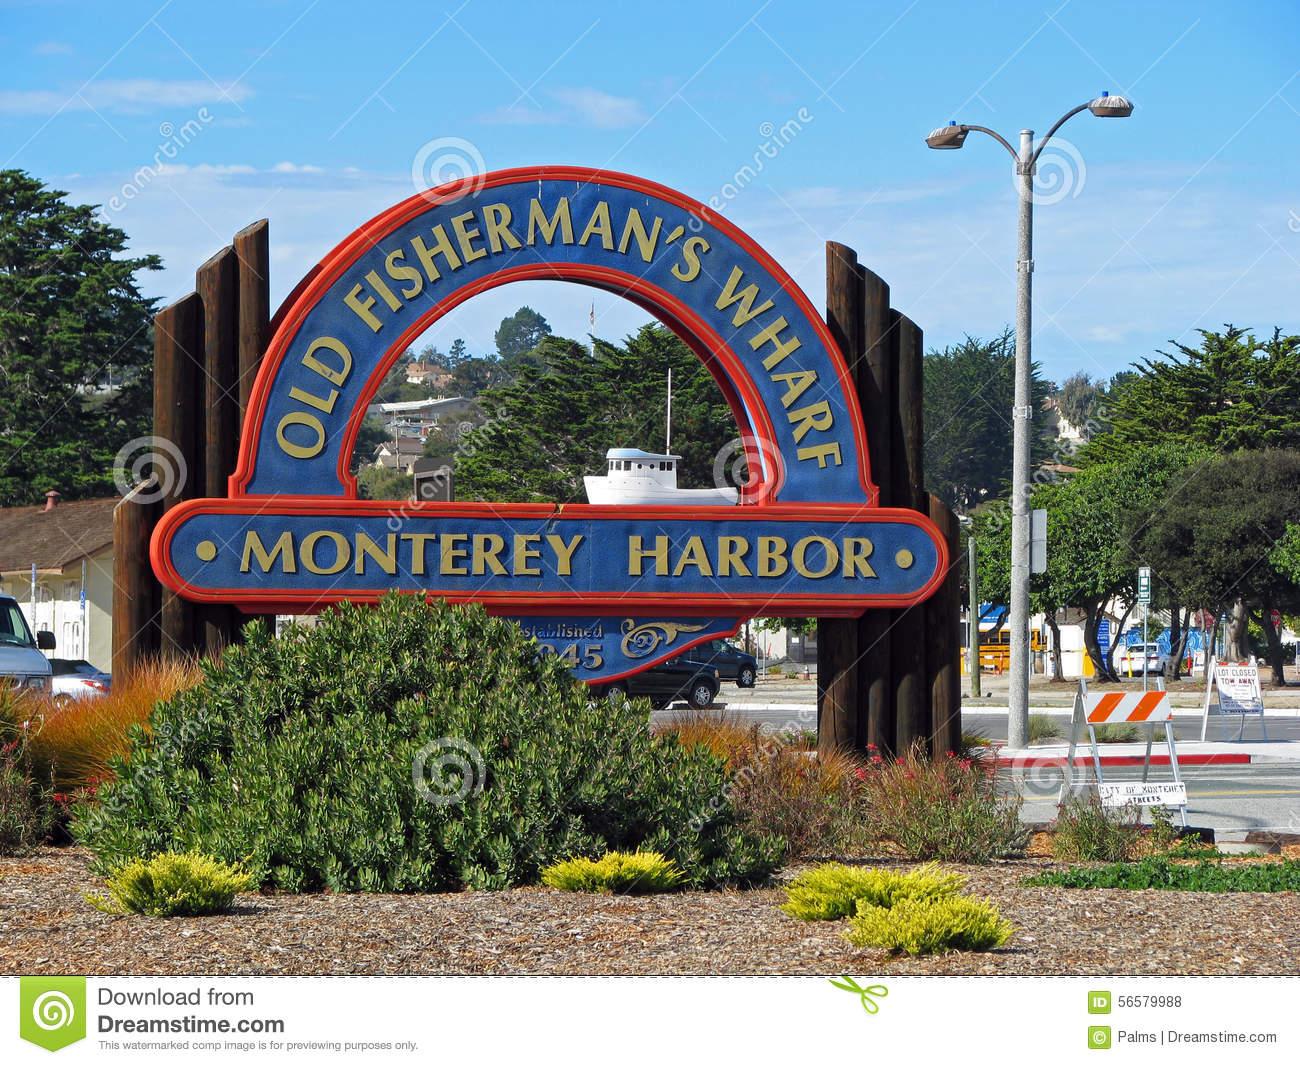 Fisherman's Wharf, Monterey Harbor, California Stock Photo.